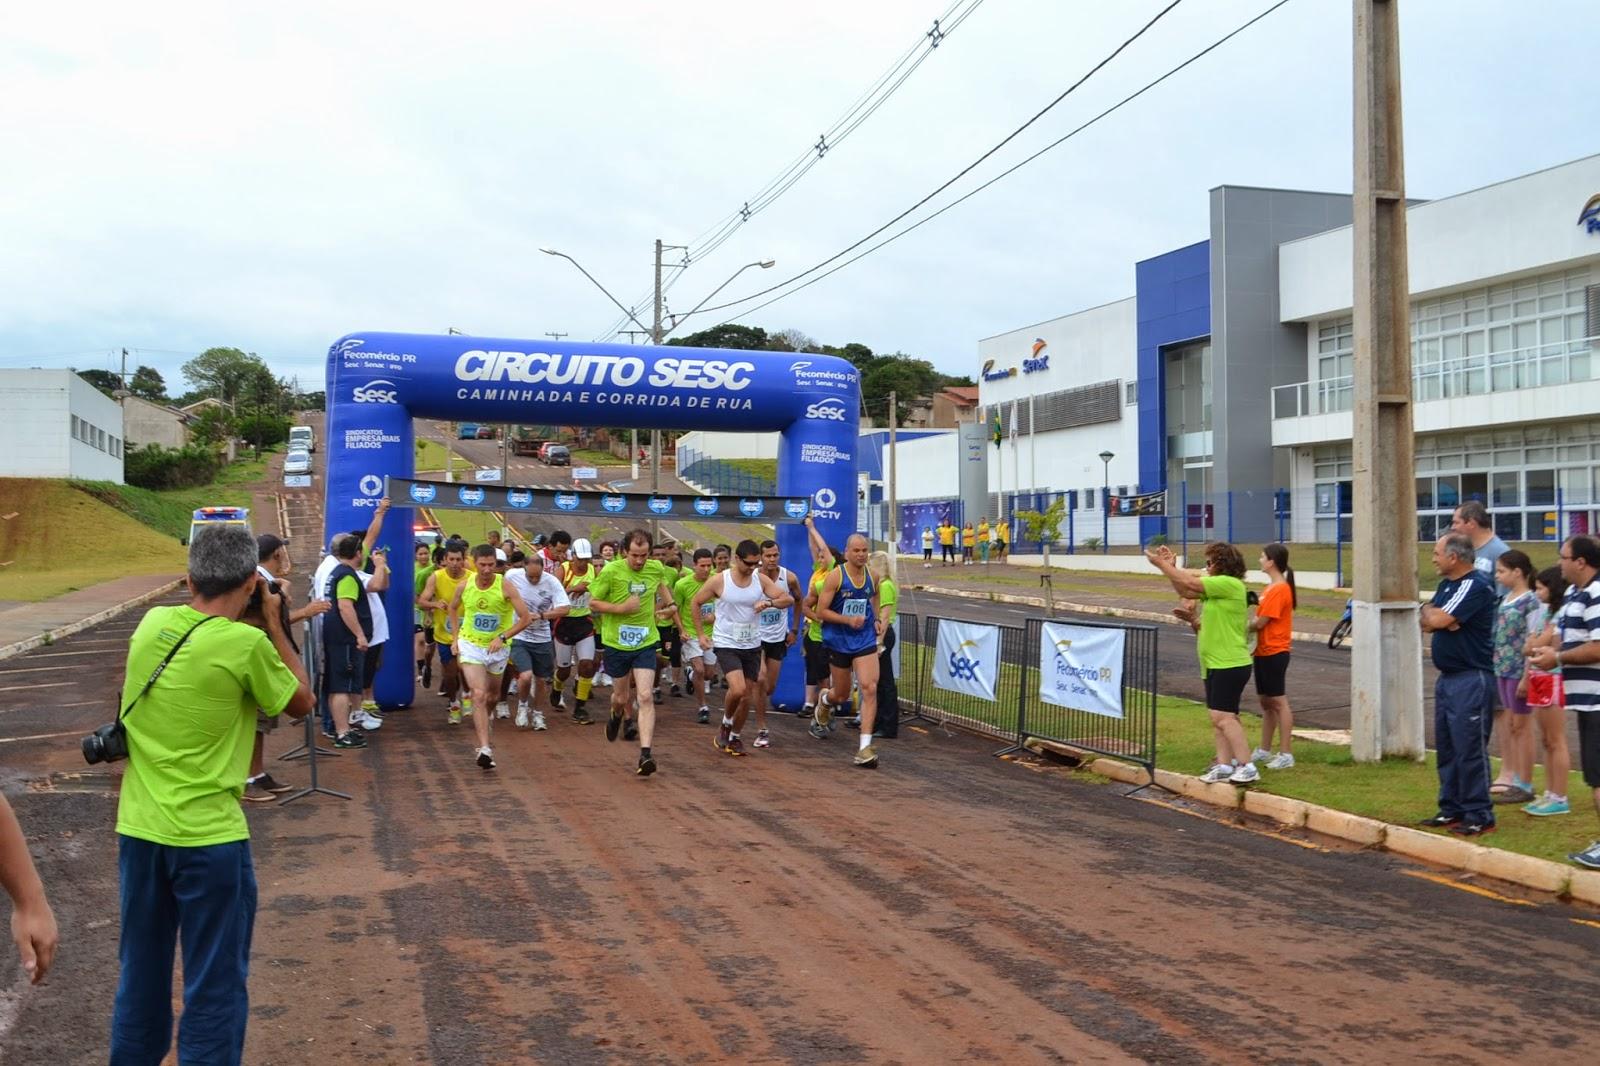 Circuito Sesc De Corridas Etapa Pelotas : Esporte in foco ivaiporã recebe pela ª vez etapa do